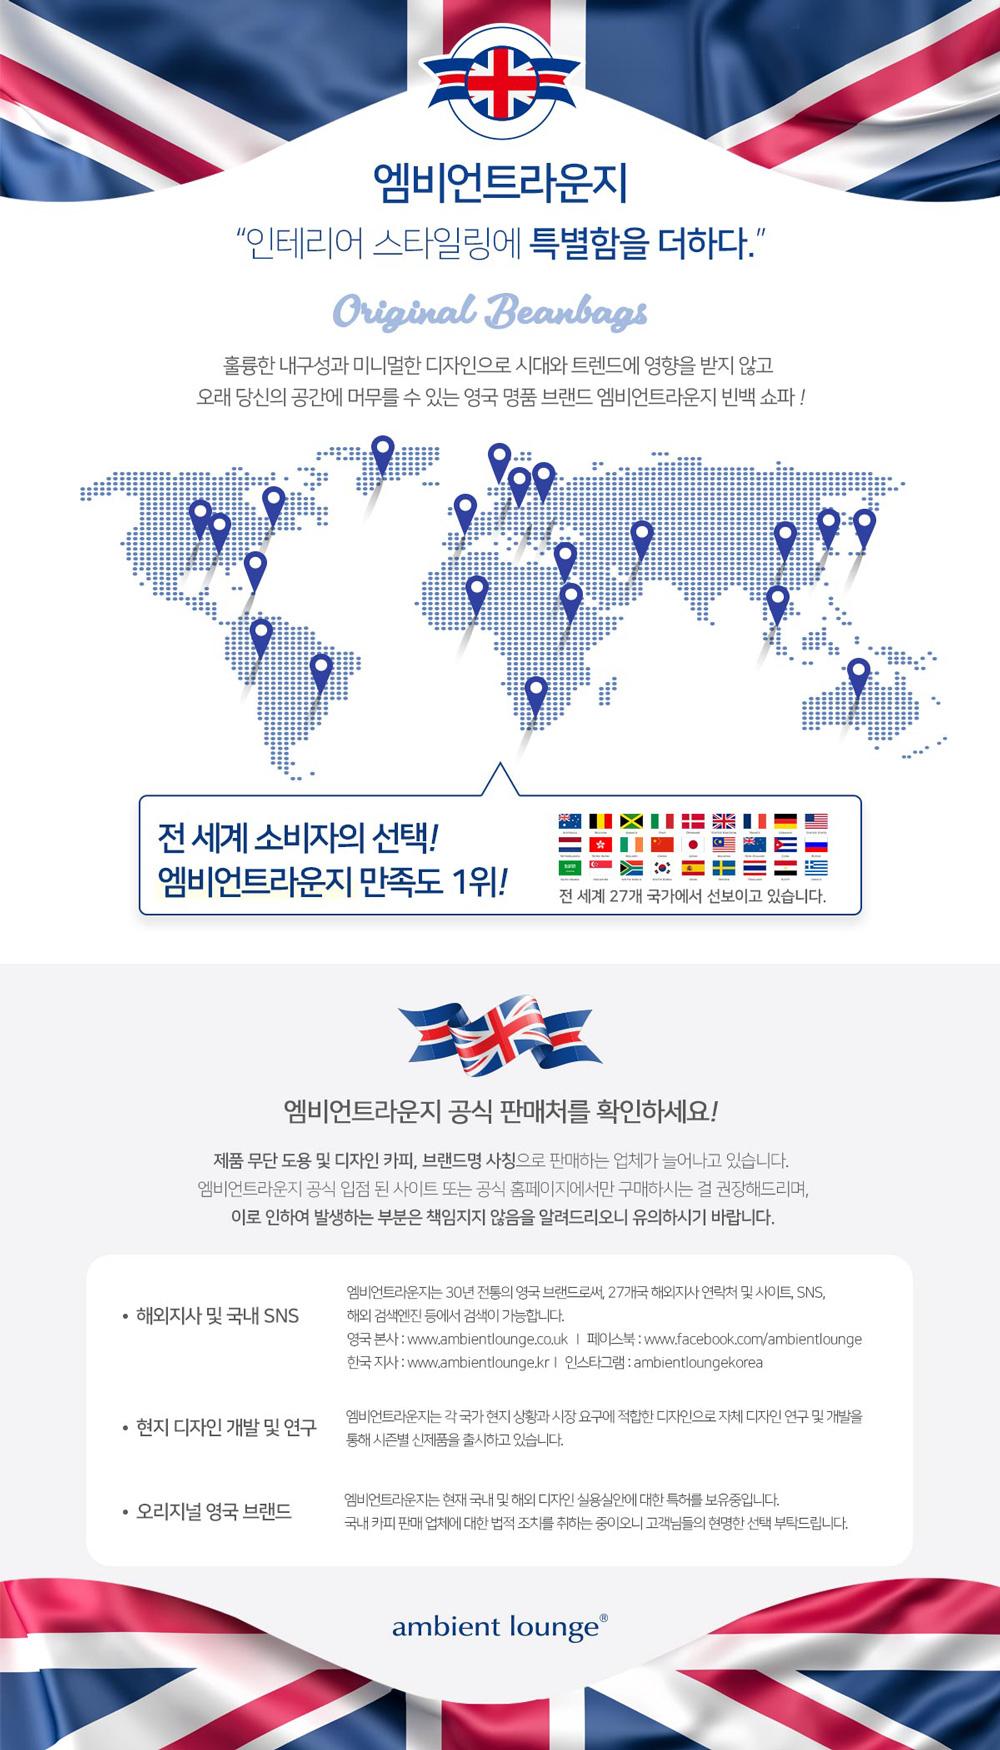 드라마협찬 PIMP 클라우드체어 빈백 안락의자 - 엠비언트라운지, 129,000원, 기능성/디자인소파, 빈백소파